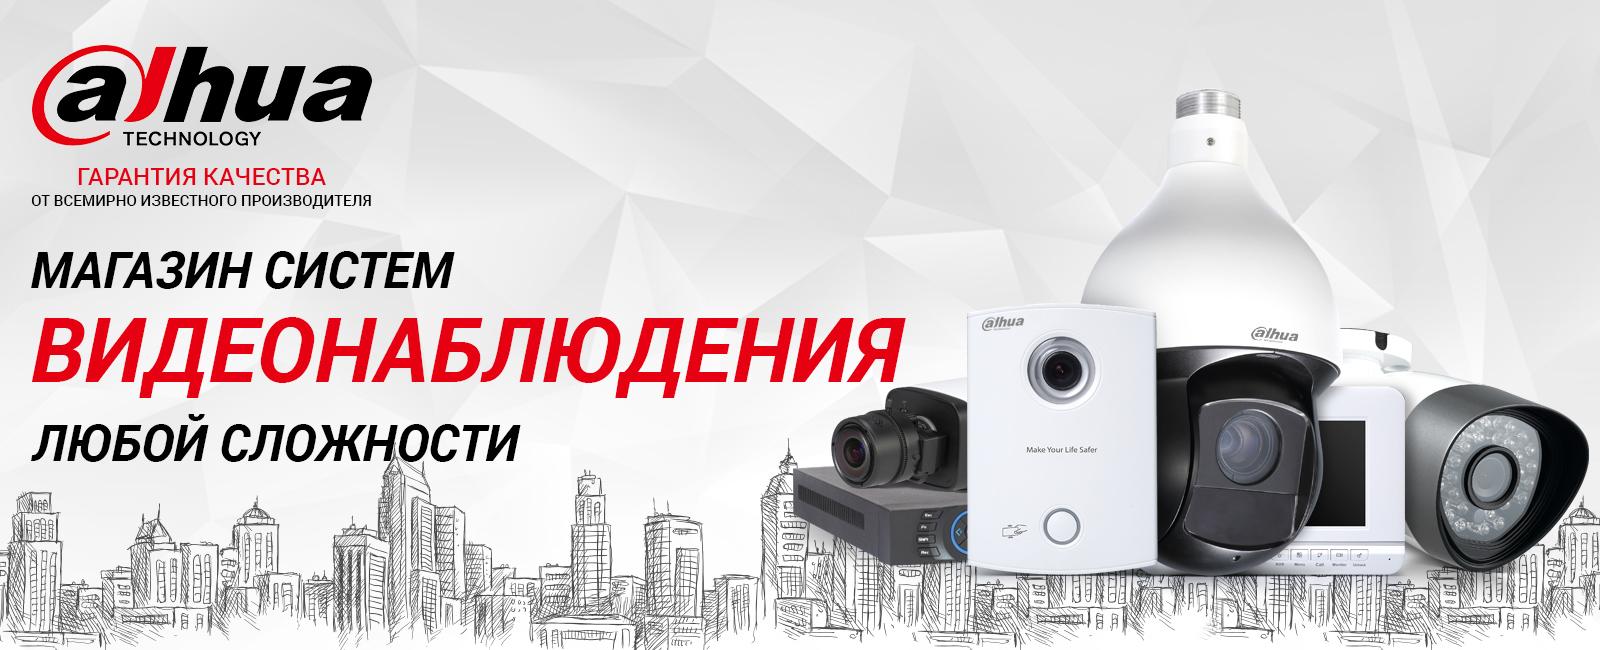 Наружные камеры видеонаблюдения онлайн с wifi